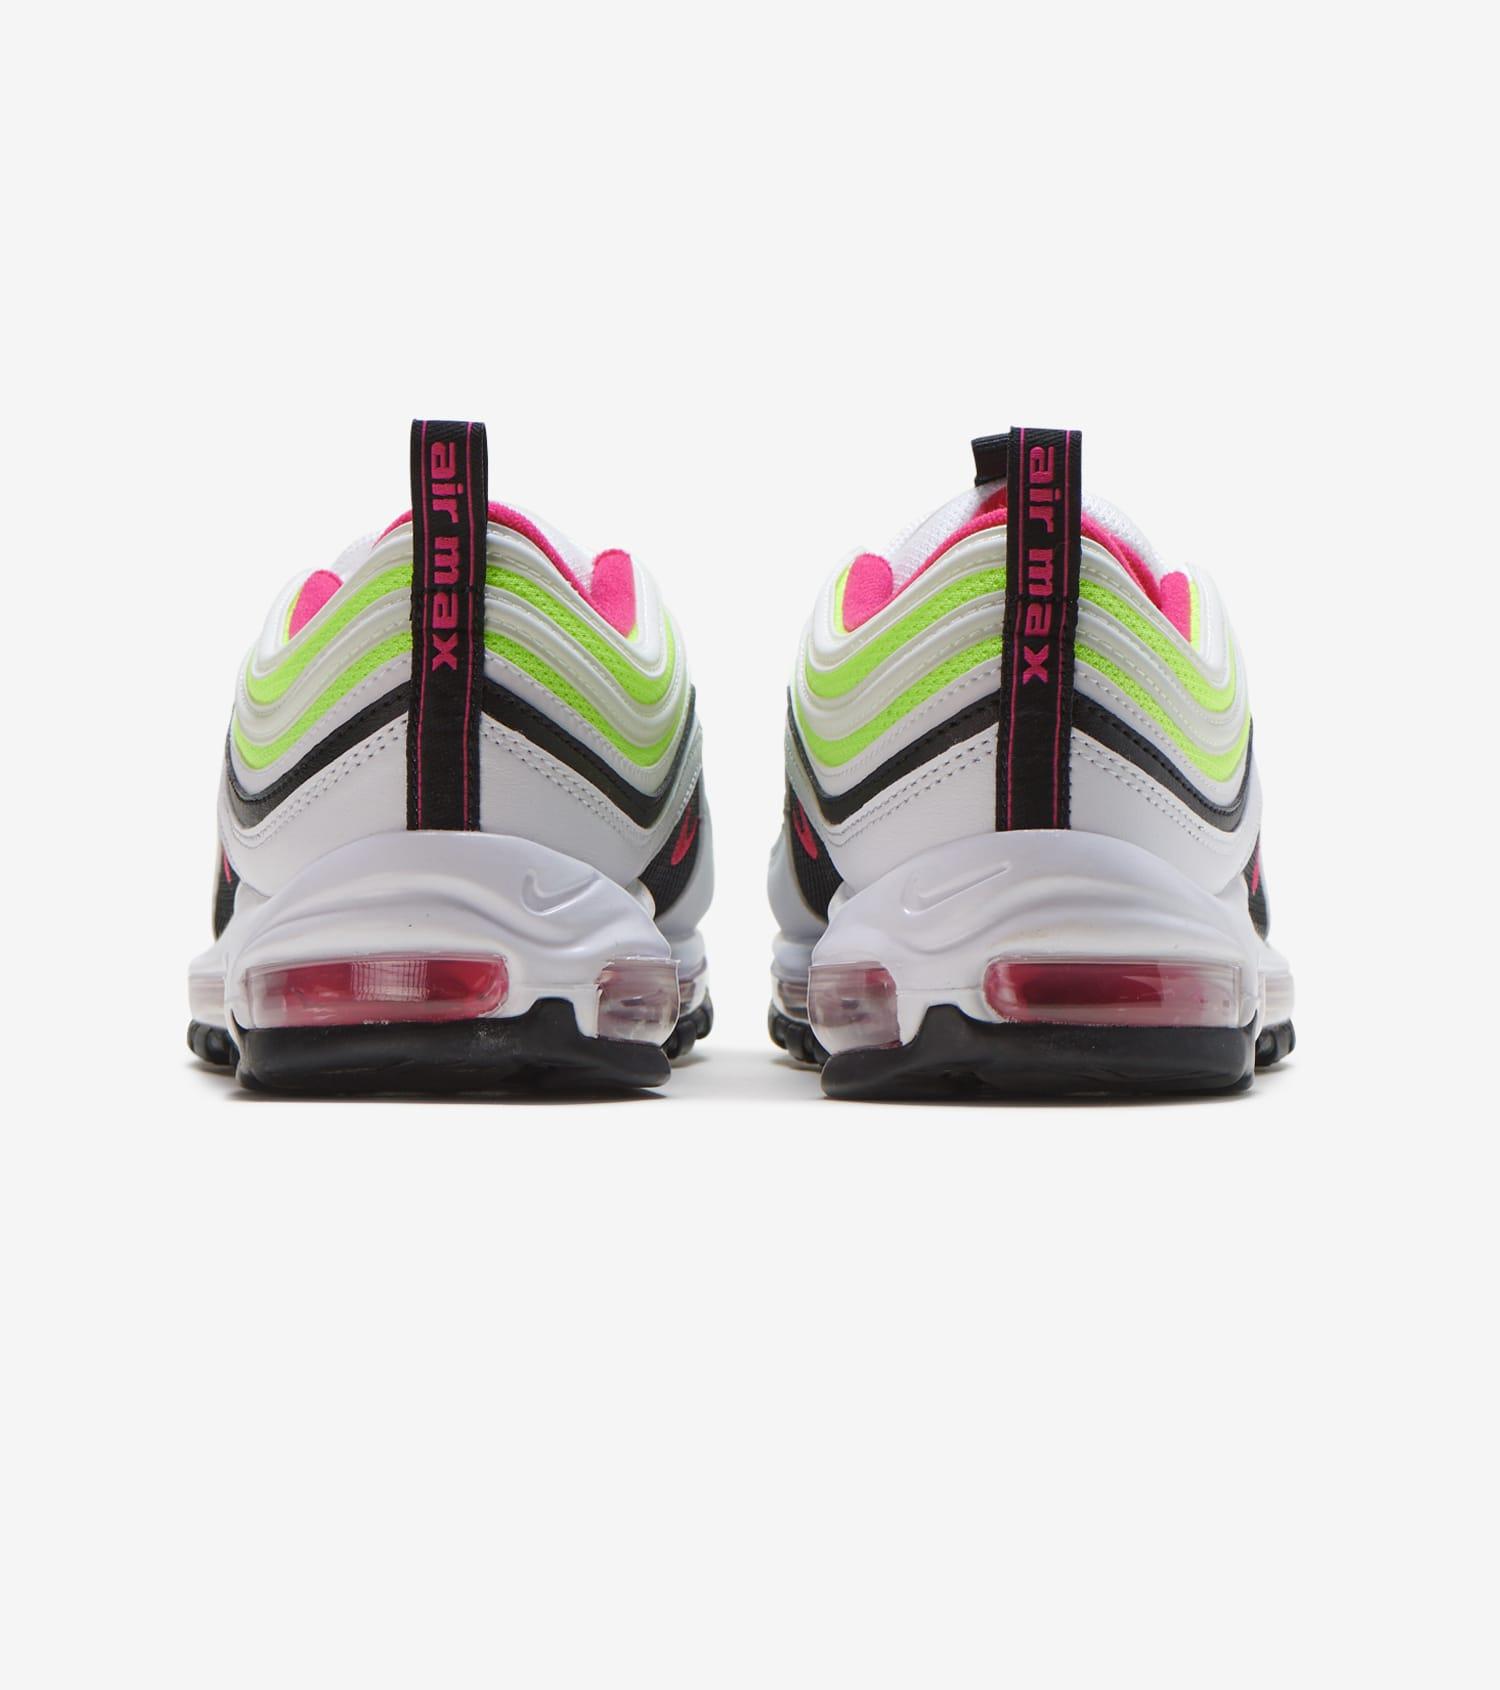 Nike Air Max 97 Volt Pink White Rush Black Volt CI9871 100 Men's Sz 11 NEW   eBay